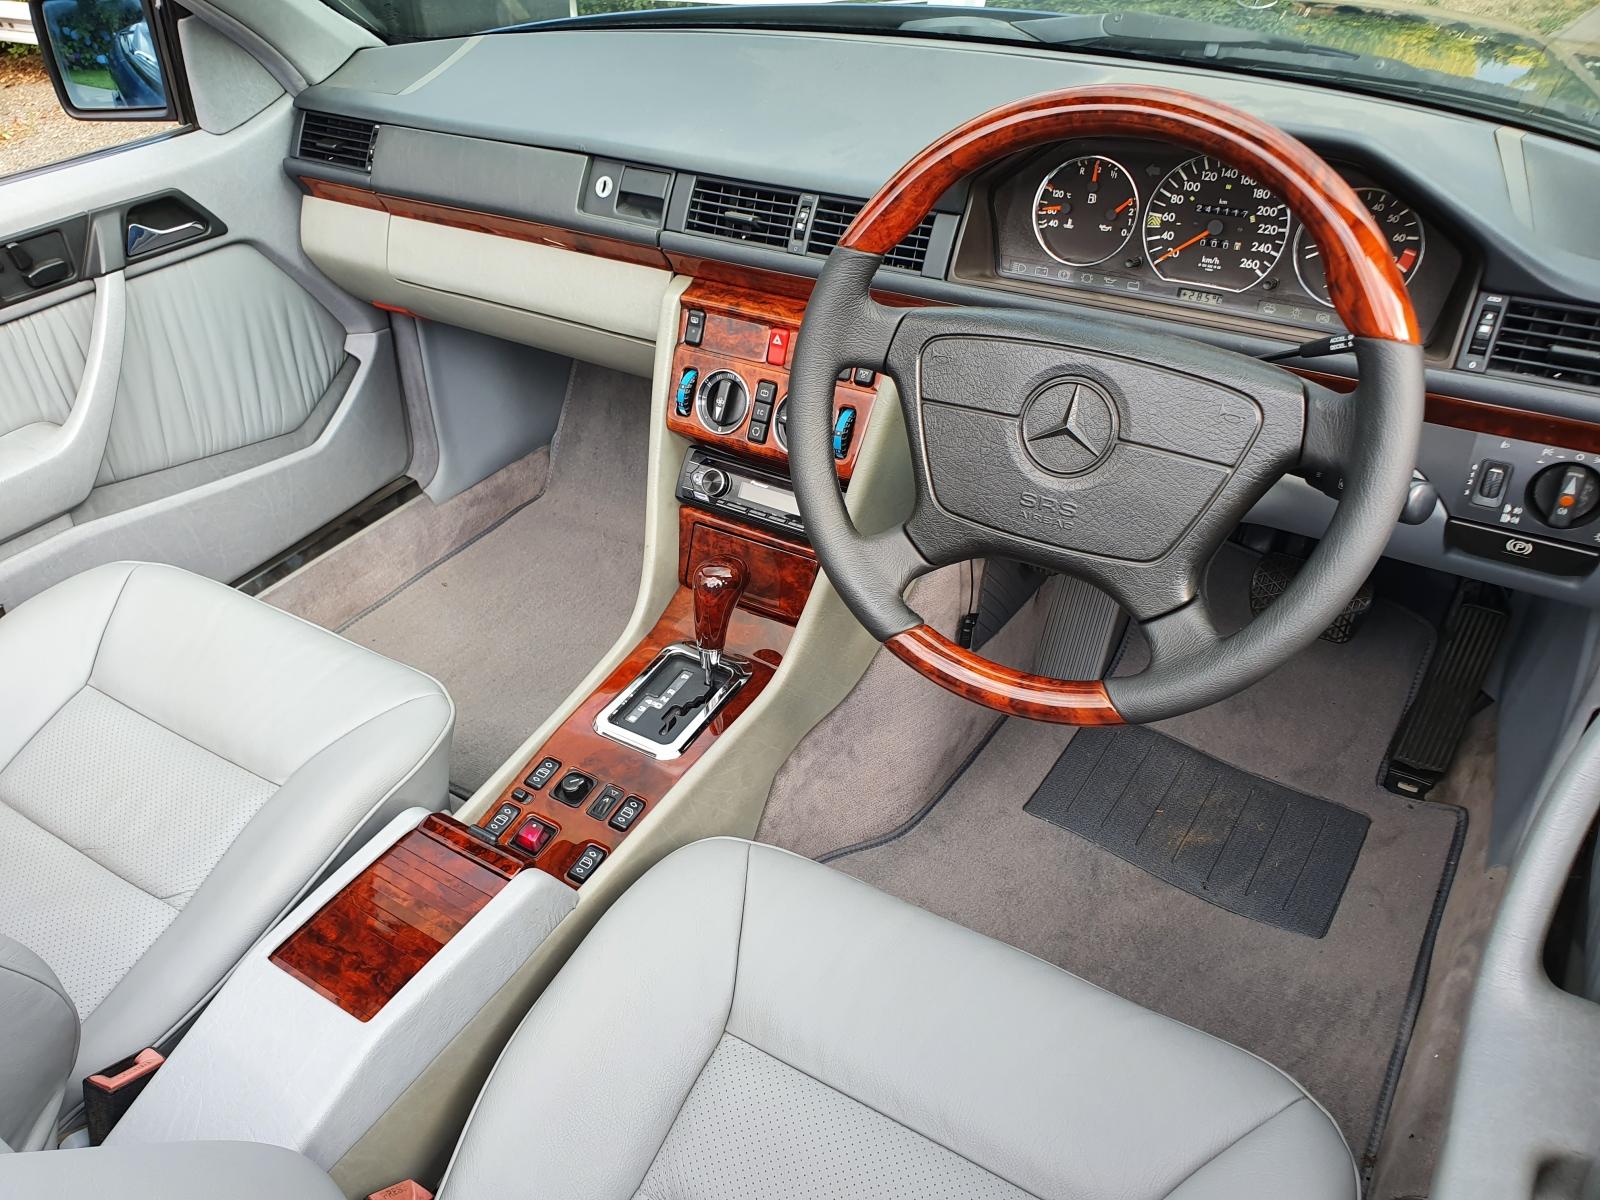 Mercedes W124 Walnut Wood Dash Kit